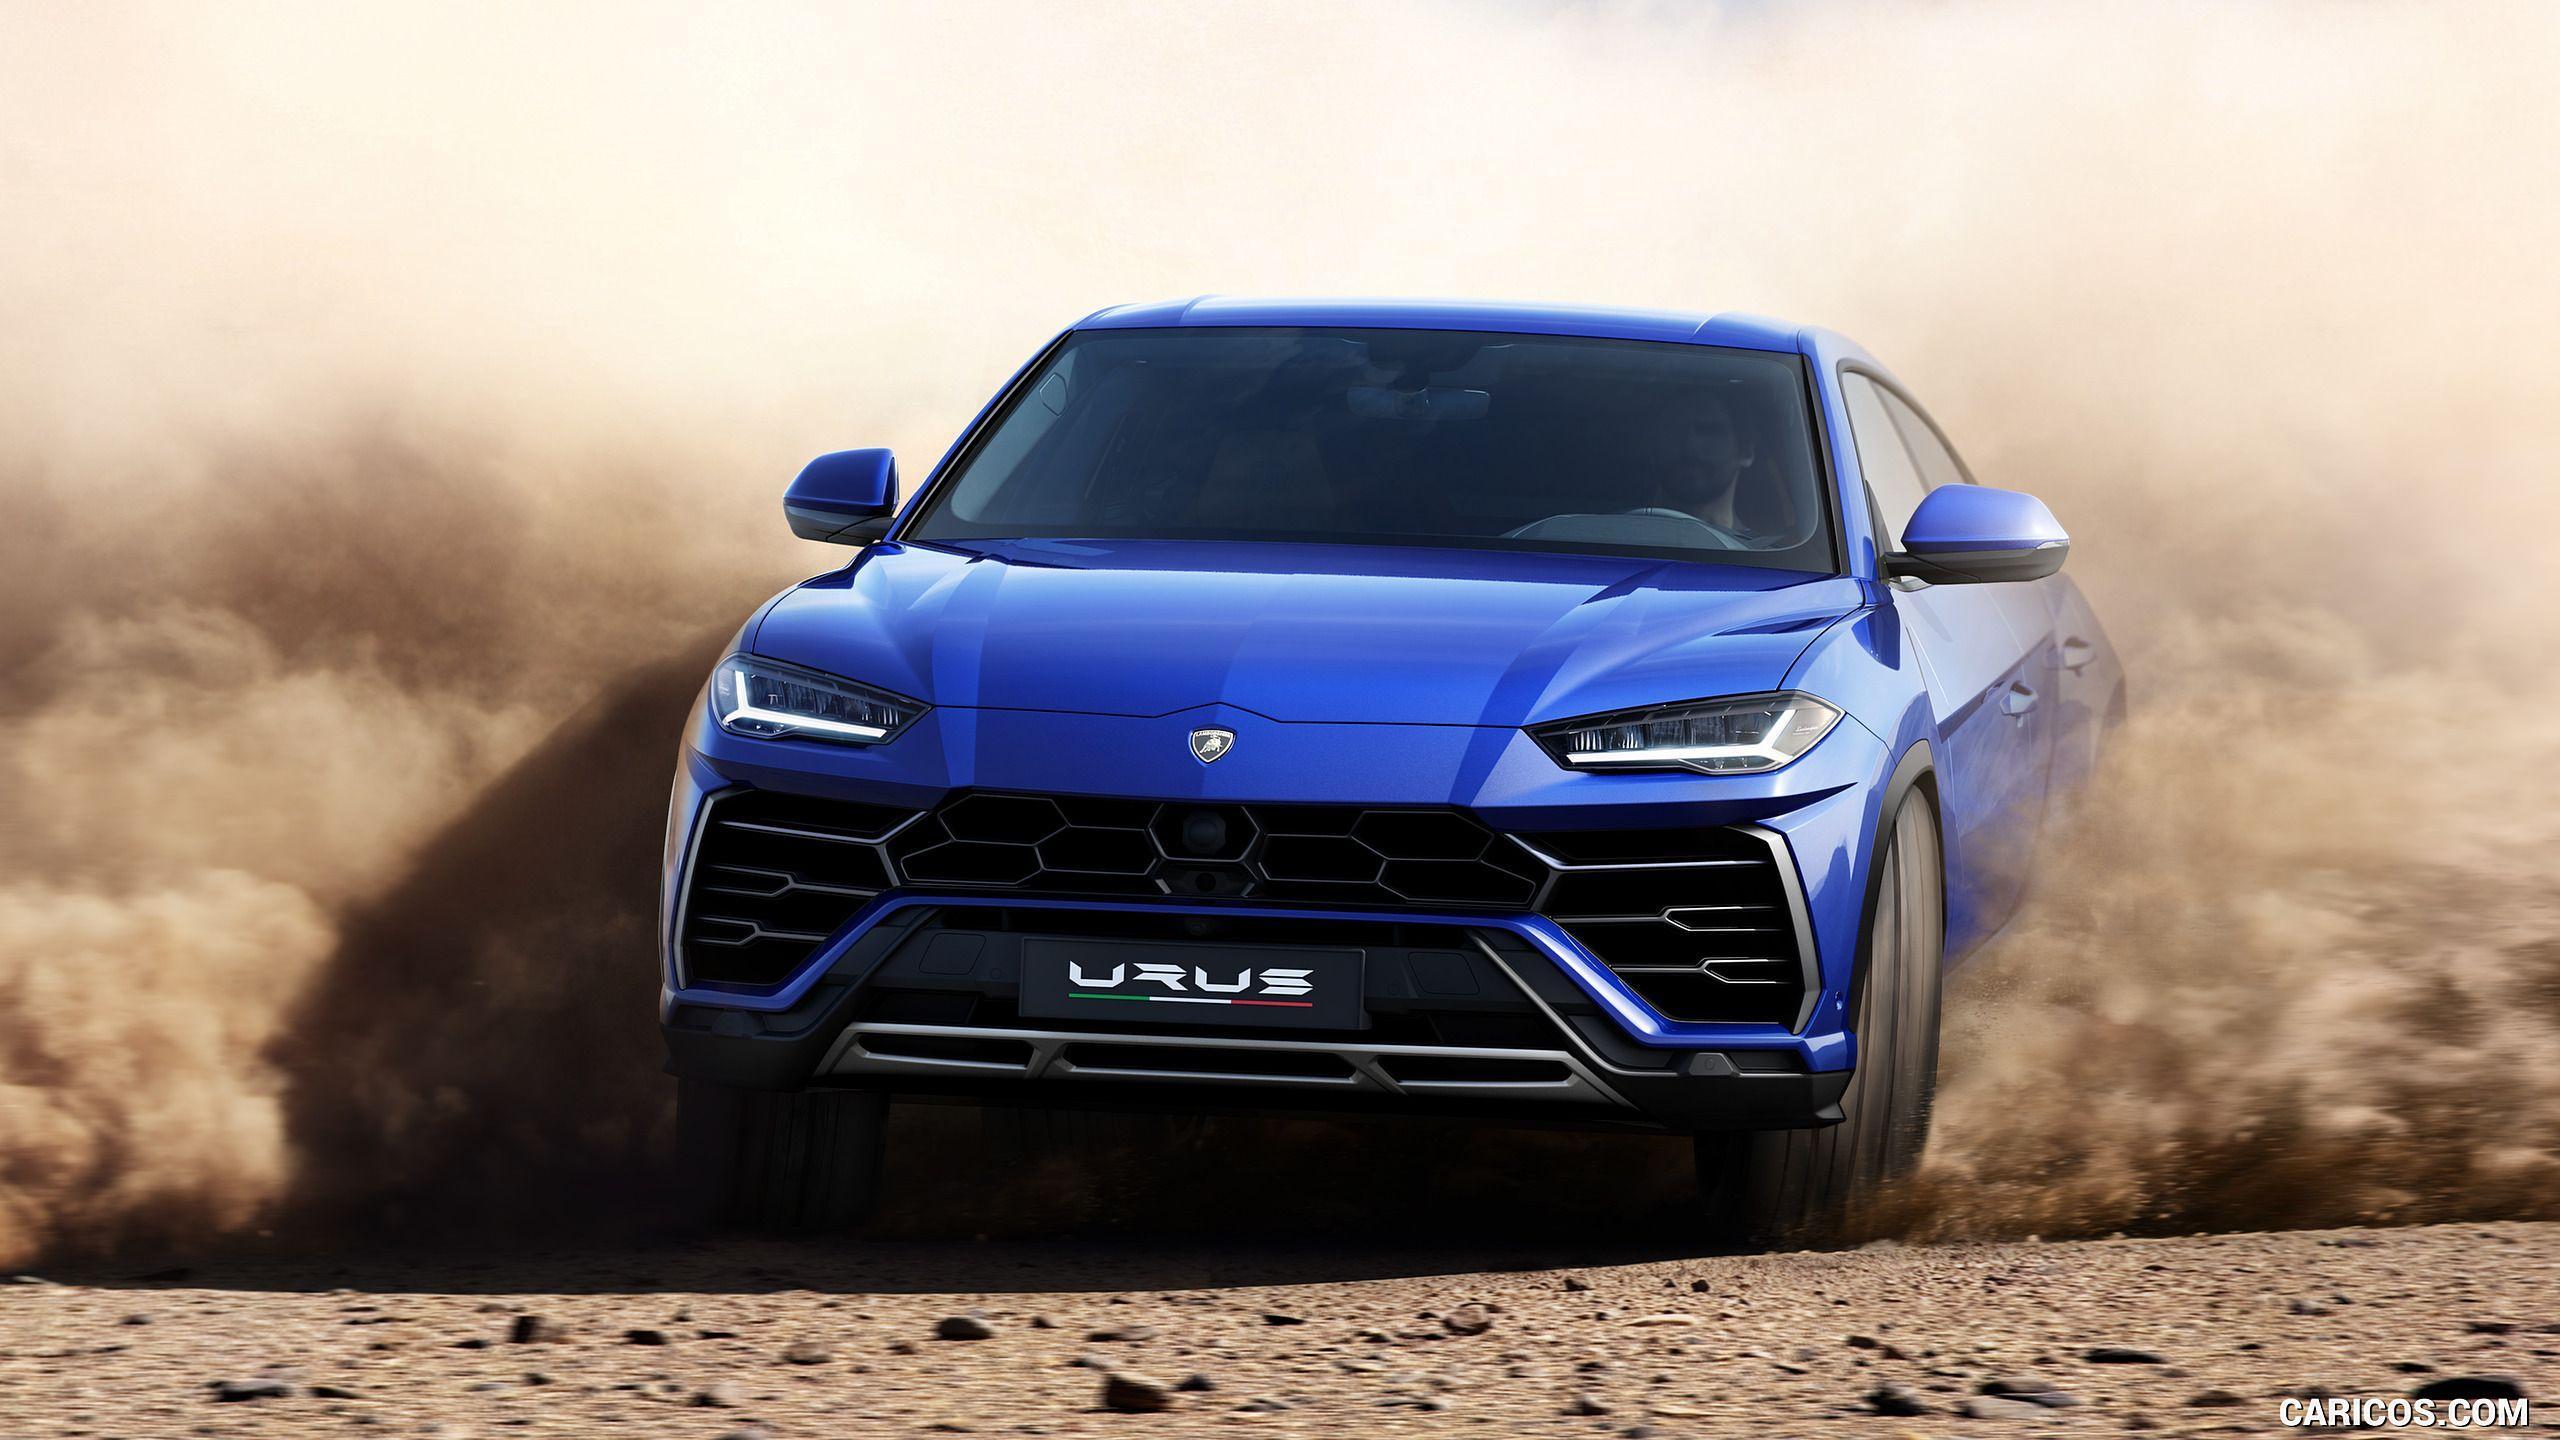 Lamborghini Urus Wallpapers Top Free Lamborghini Urus Backgrounds Wallpaperaccess